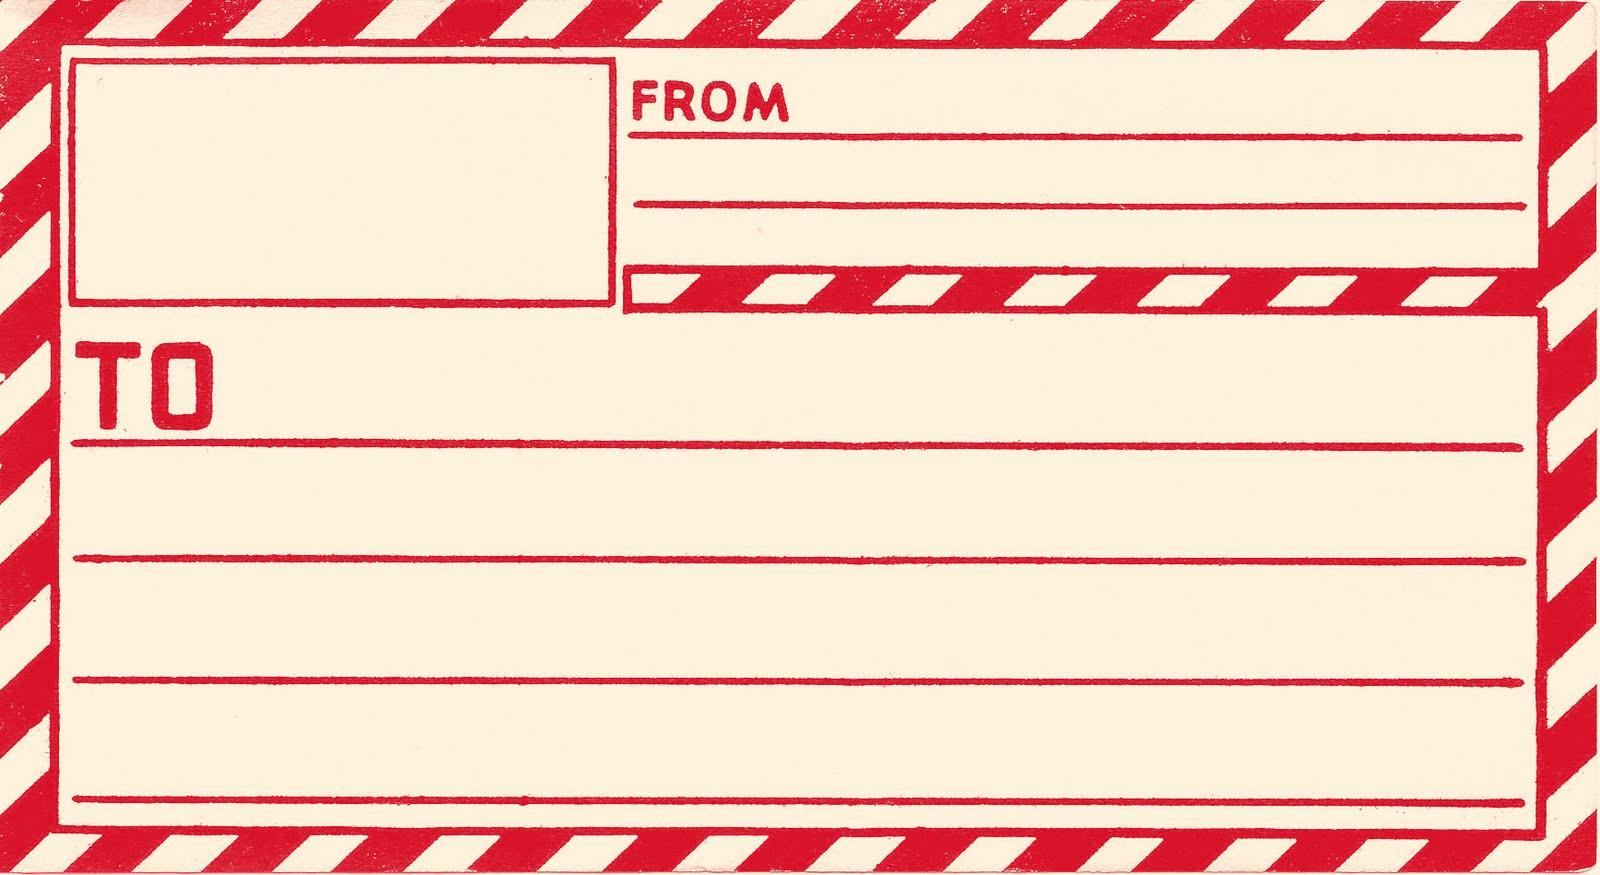 Free Address Labels Samples Beautiful Vintage Clip Art Old Gummed Parcel Post Label the